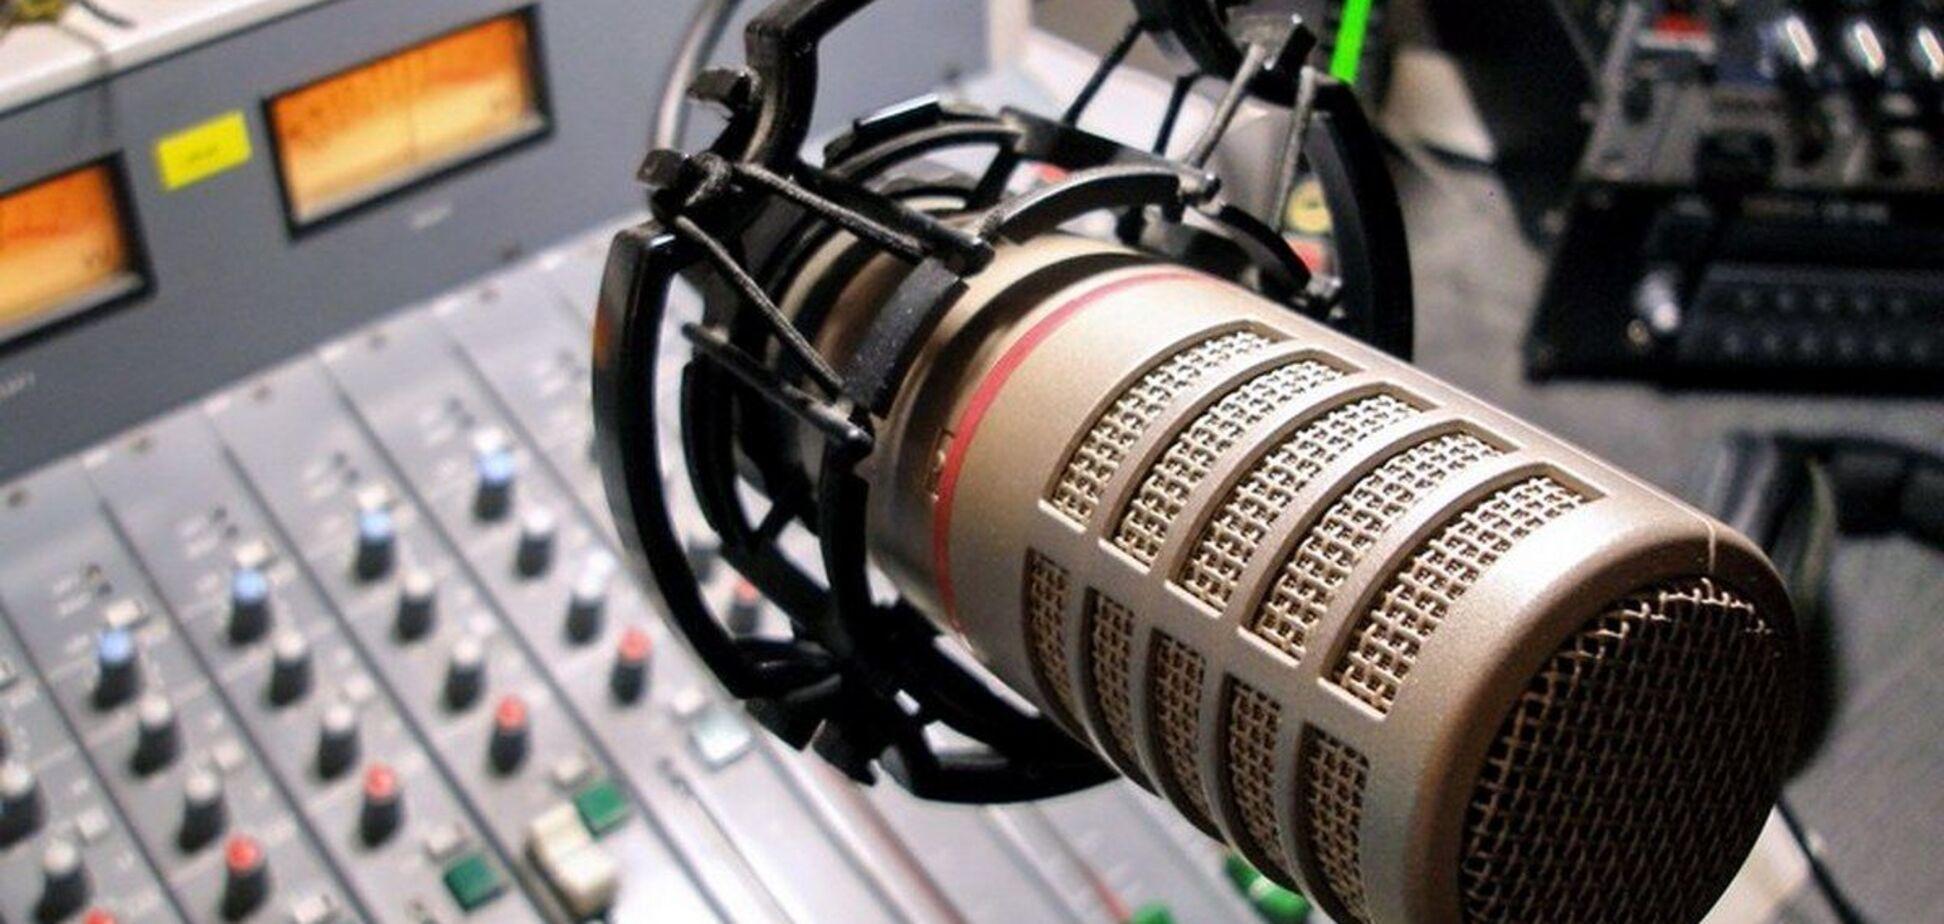 На Харківщині під загрозою закриття опинилися дві регіональні радіостанції